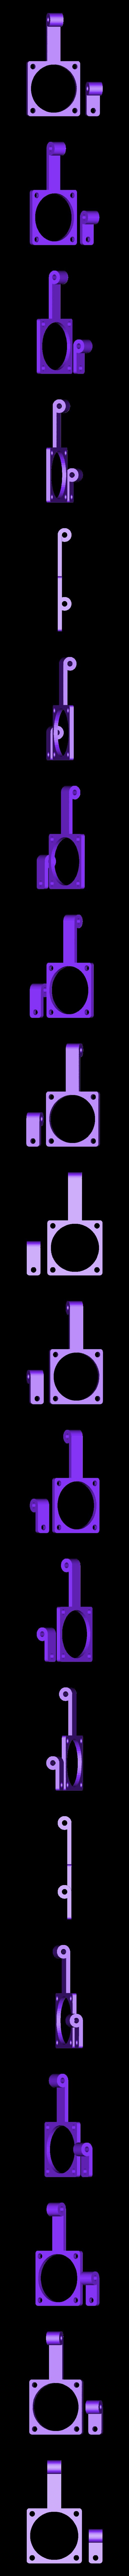 customizable_fan_mount_20140612-30366-zihg19-0.stl Download free STL file My Customized Fan Mounting Bracket • 3D print object, Alejoo